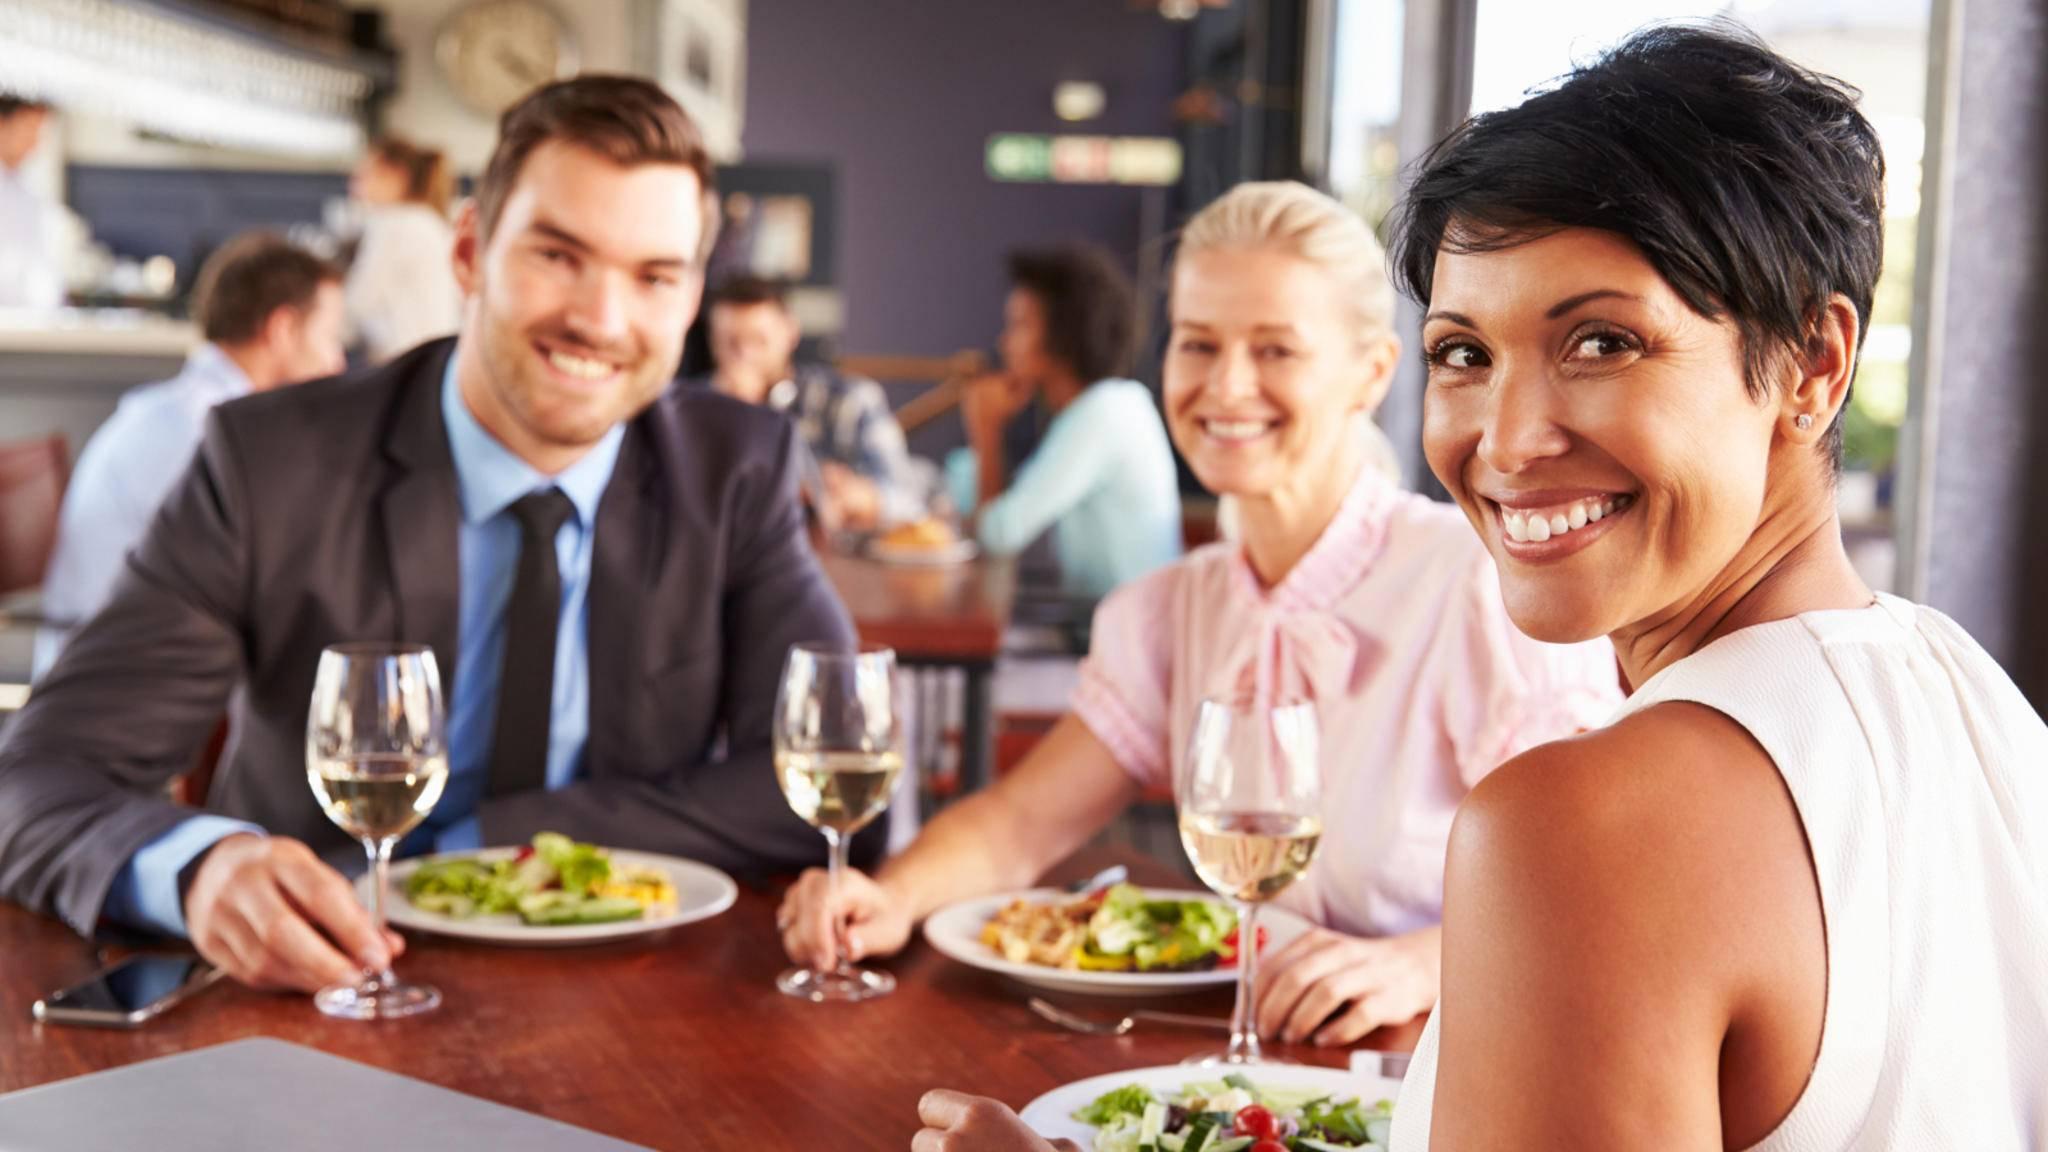 Wenn nach dem Mittagessen mal wieder das Leistungstief zuschlägt, heißt es: Gegensteuern!